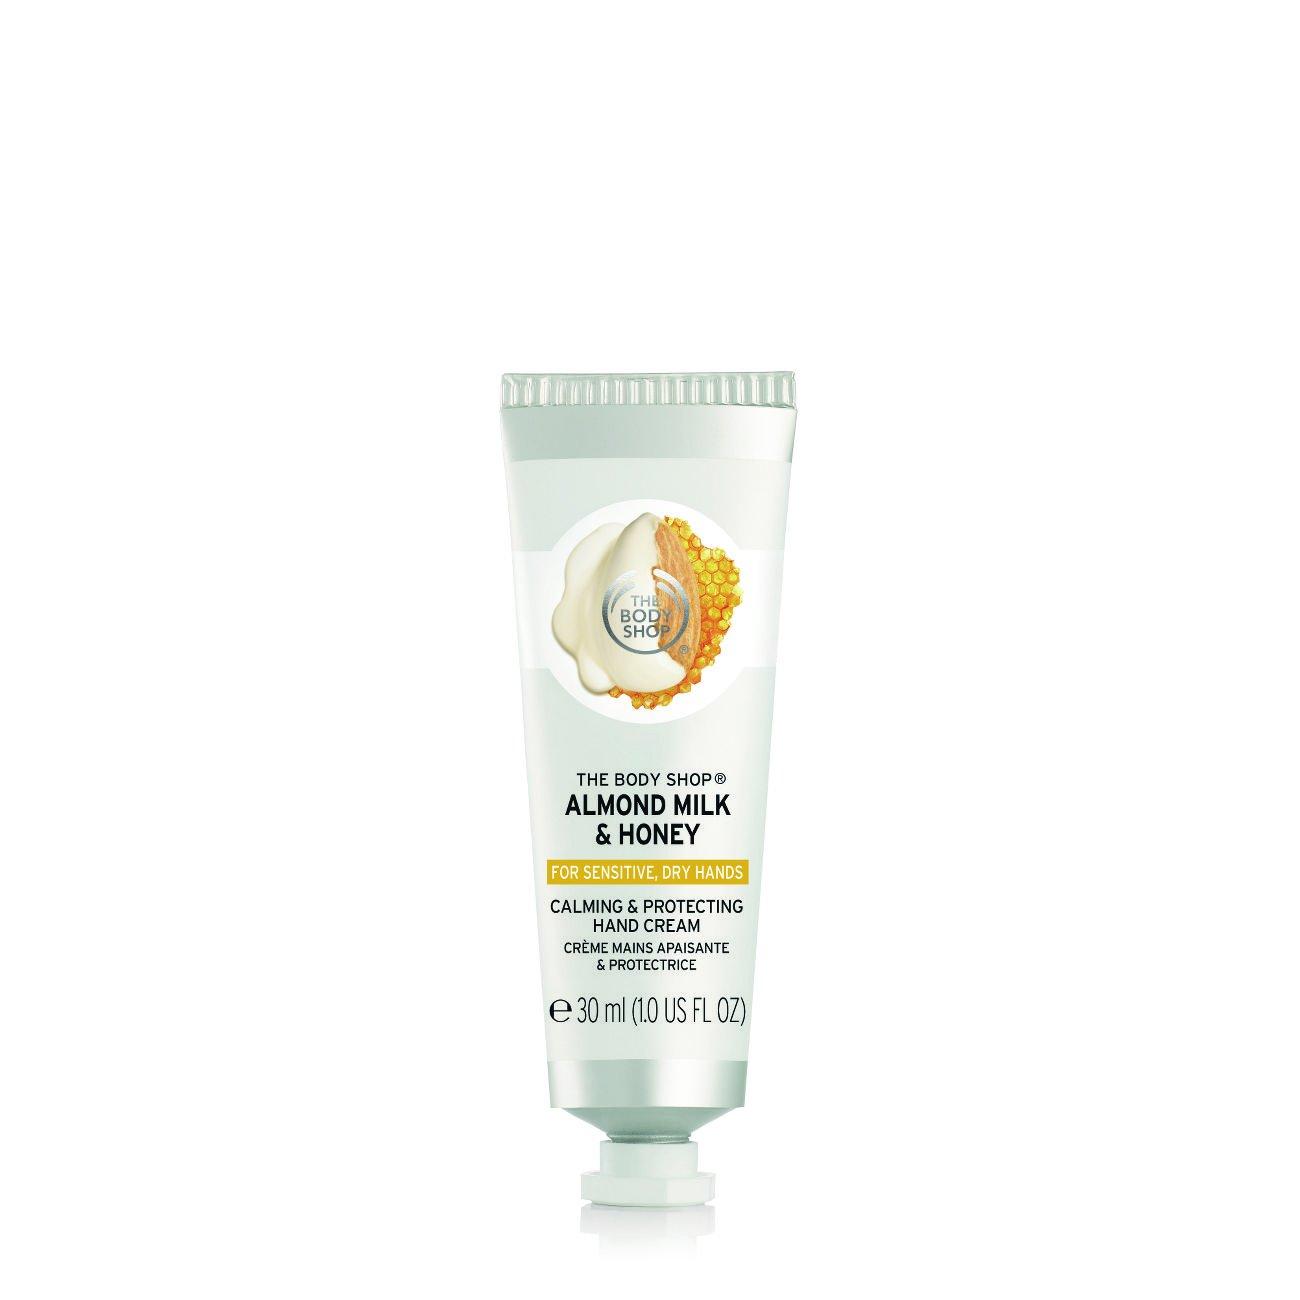 Almond Milk & Honey – beruhigende und schützende Handcreme, 20 ml